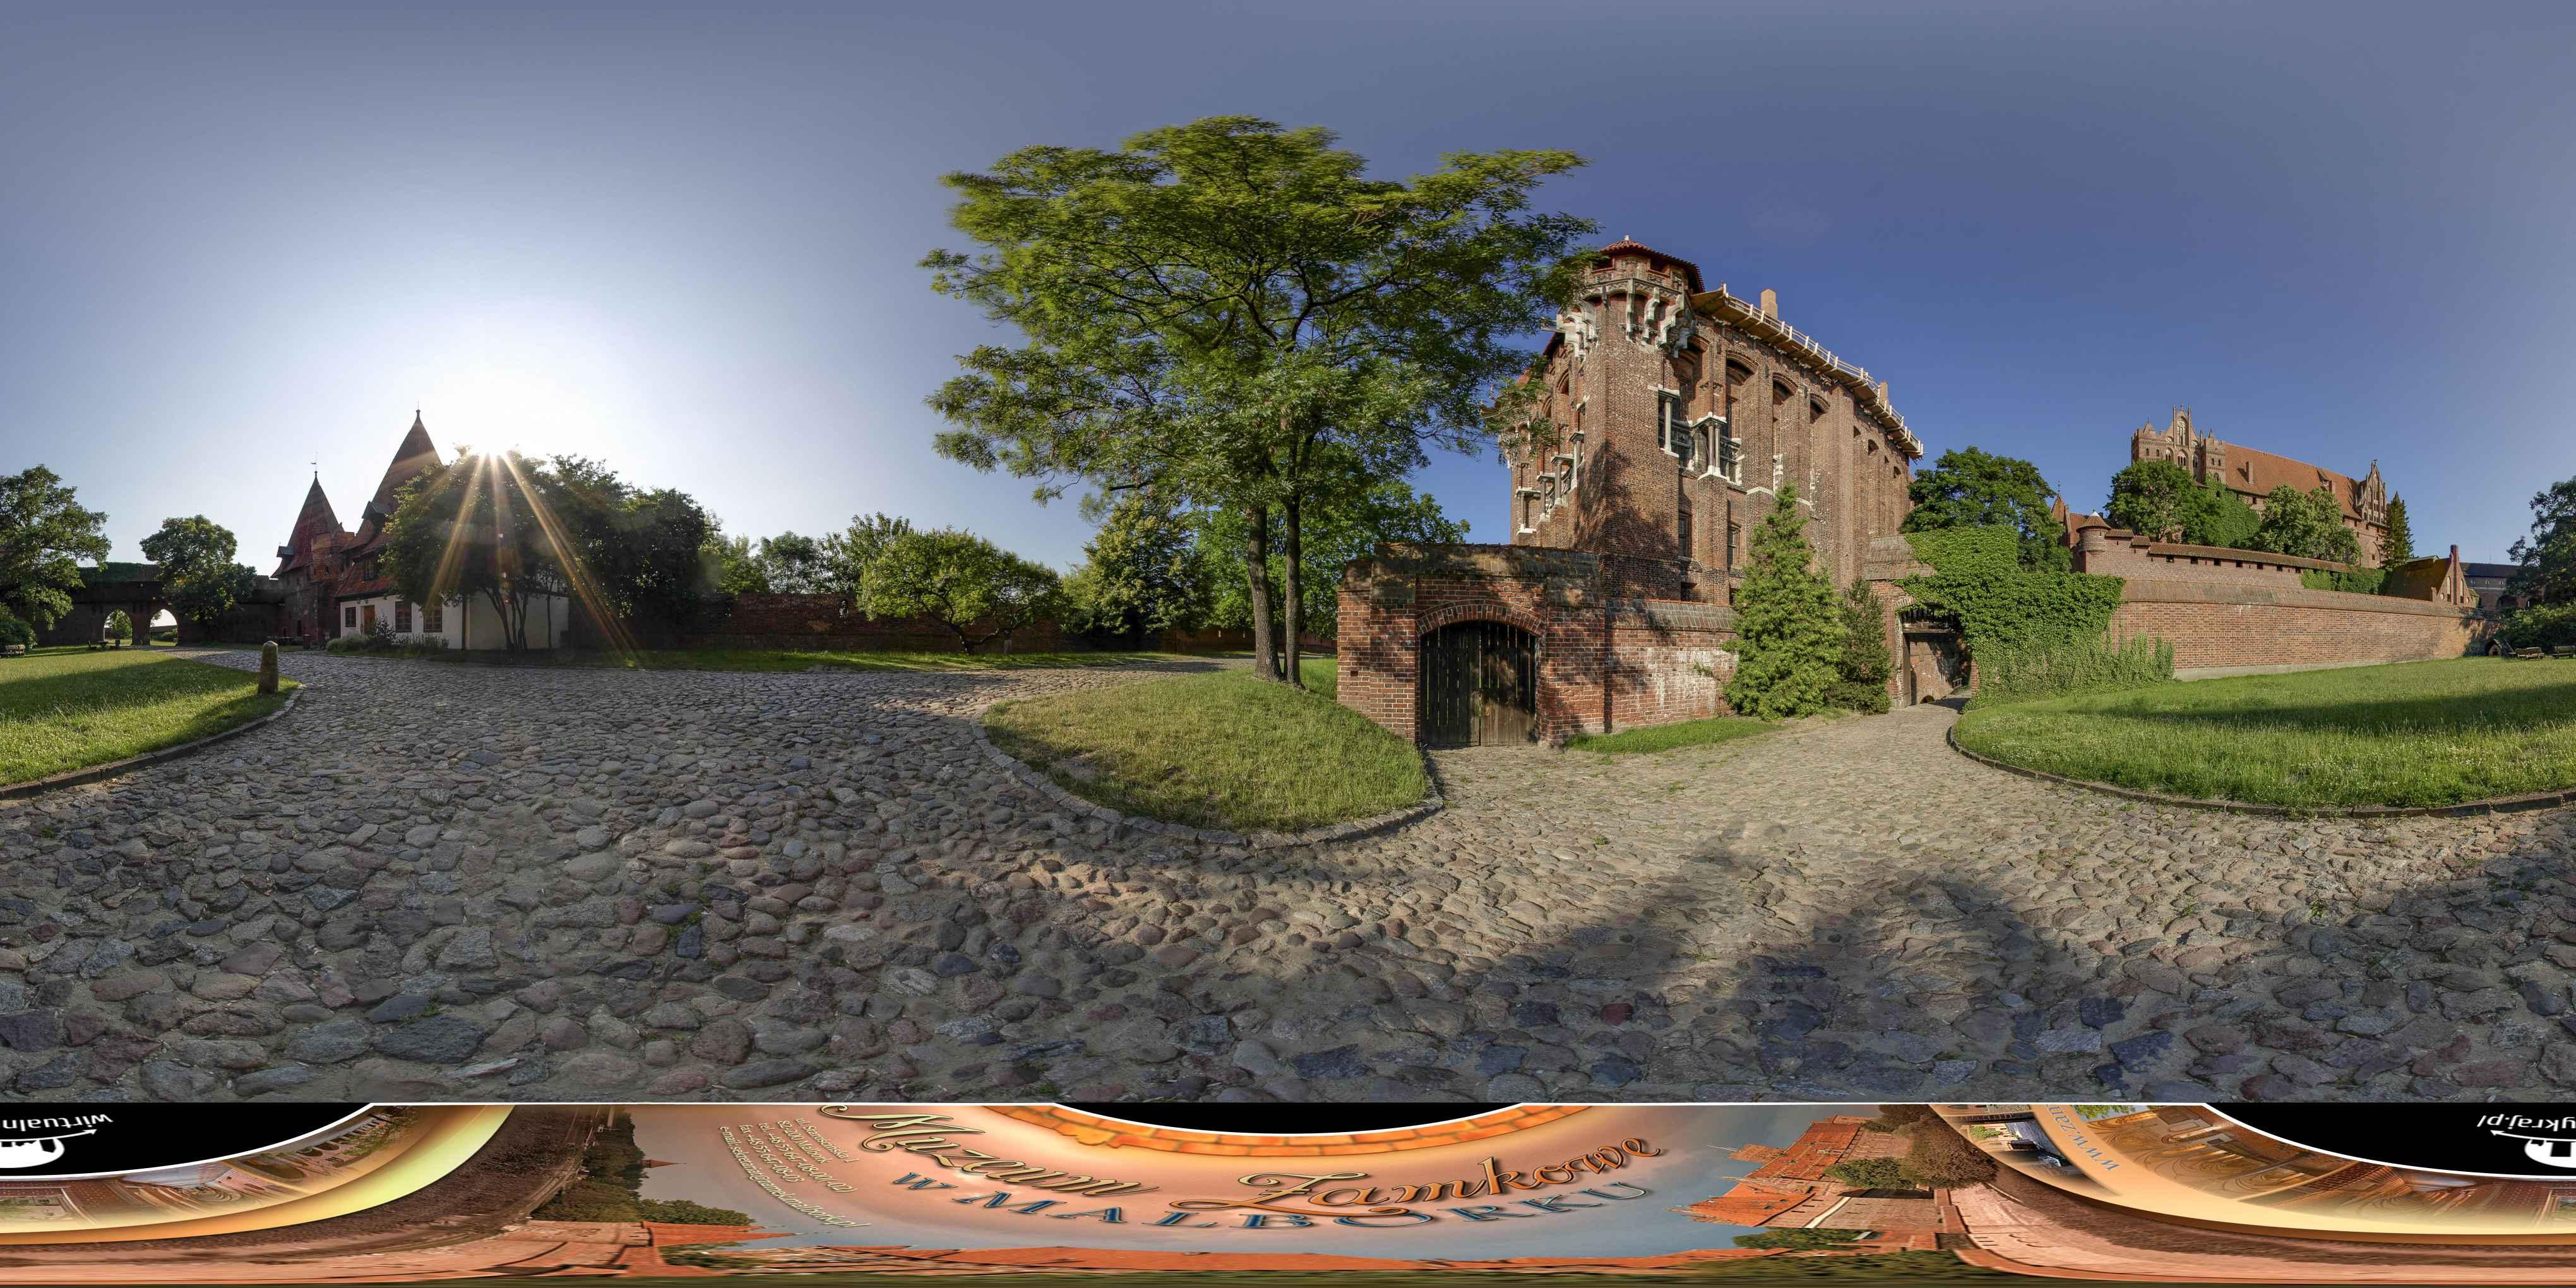 Prezentacja panoramiczna dla obiektu Muzeum Zamkowe w Malborku